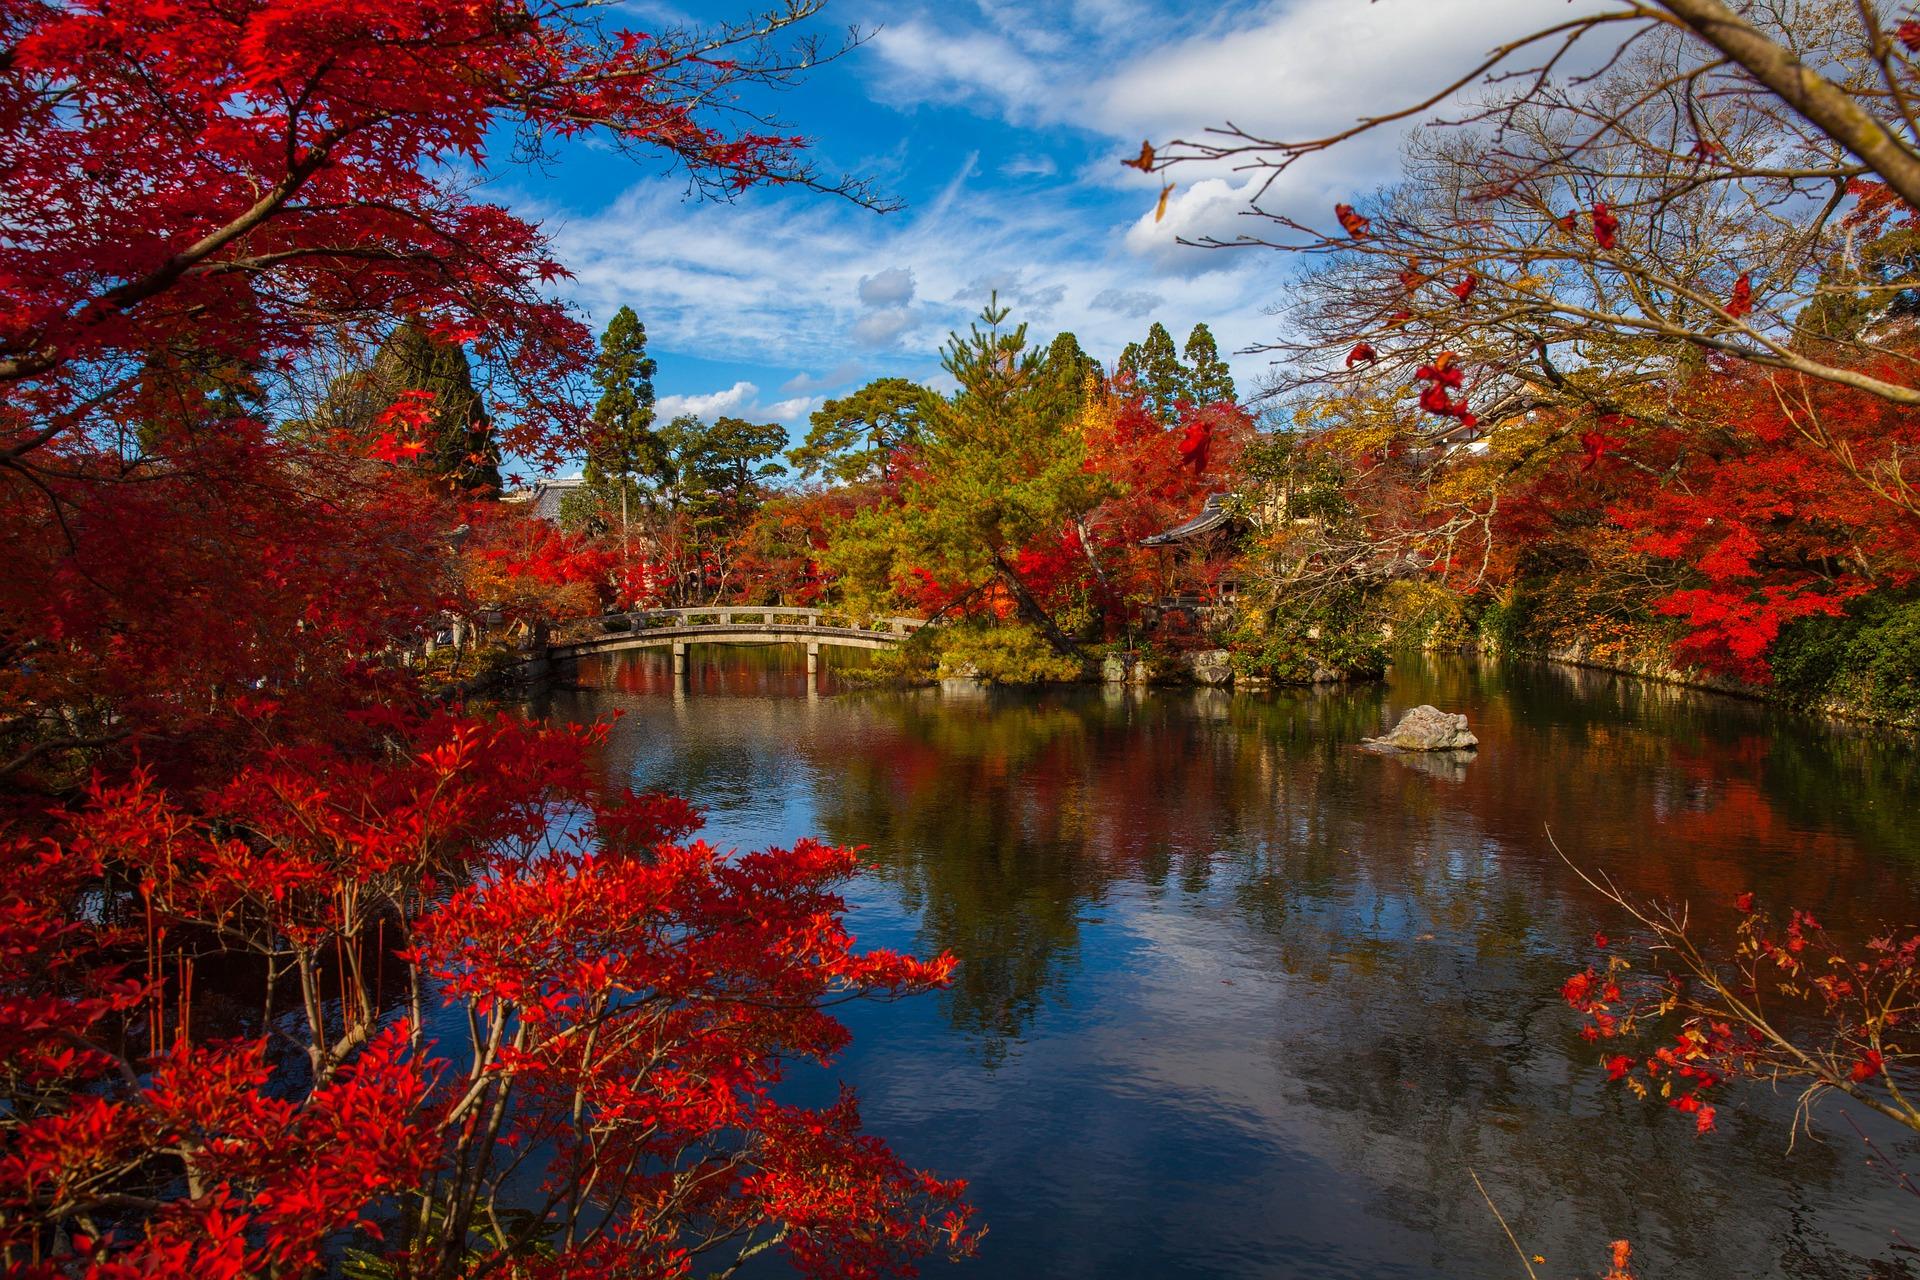 Moiji o enrojecimiento de las hojas durante el otoño, en Japón.